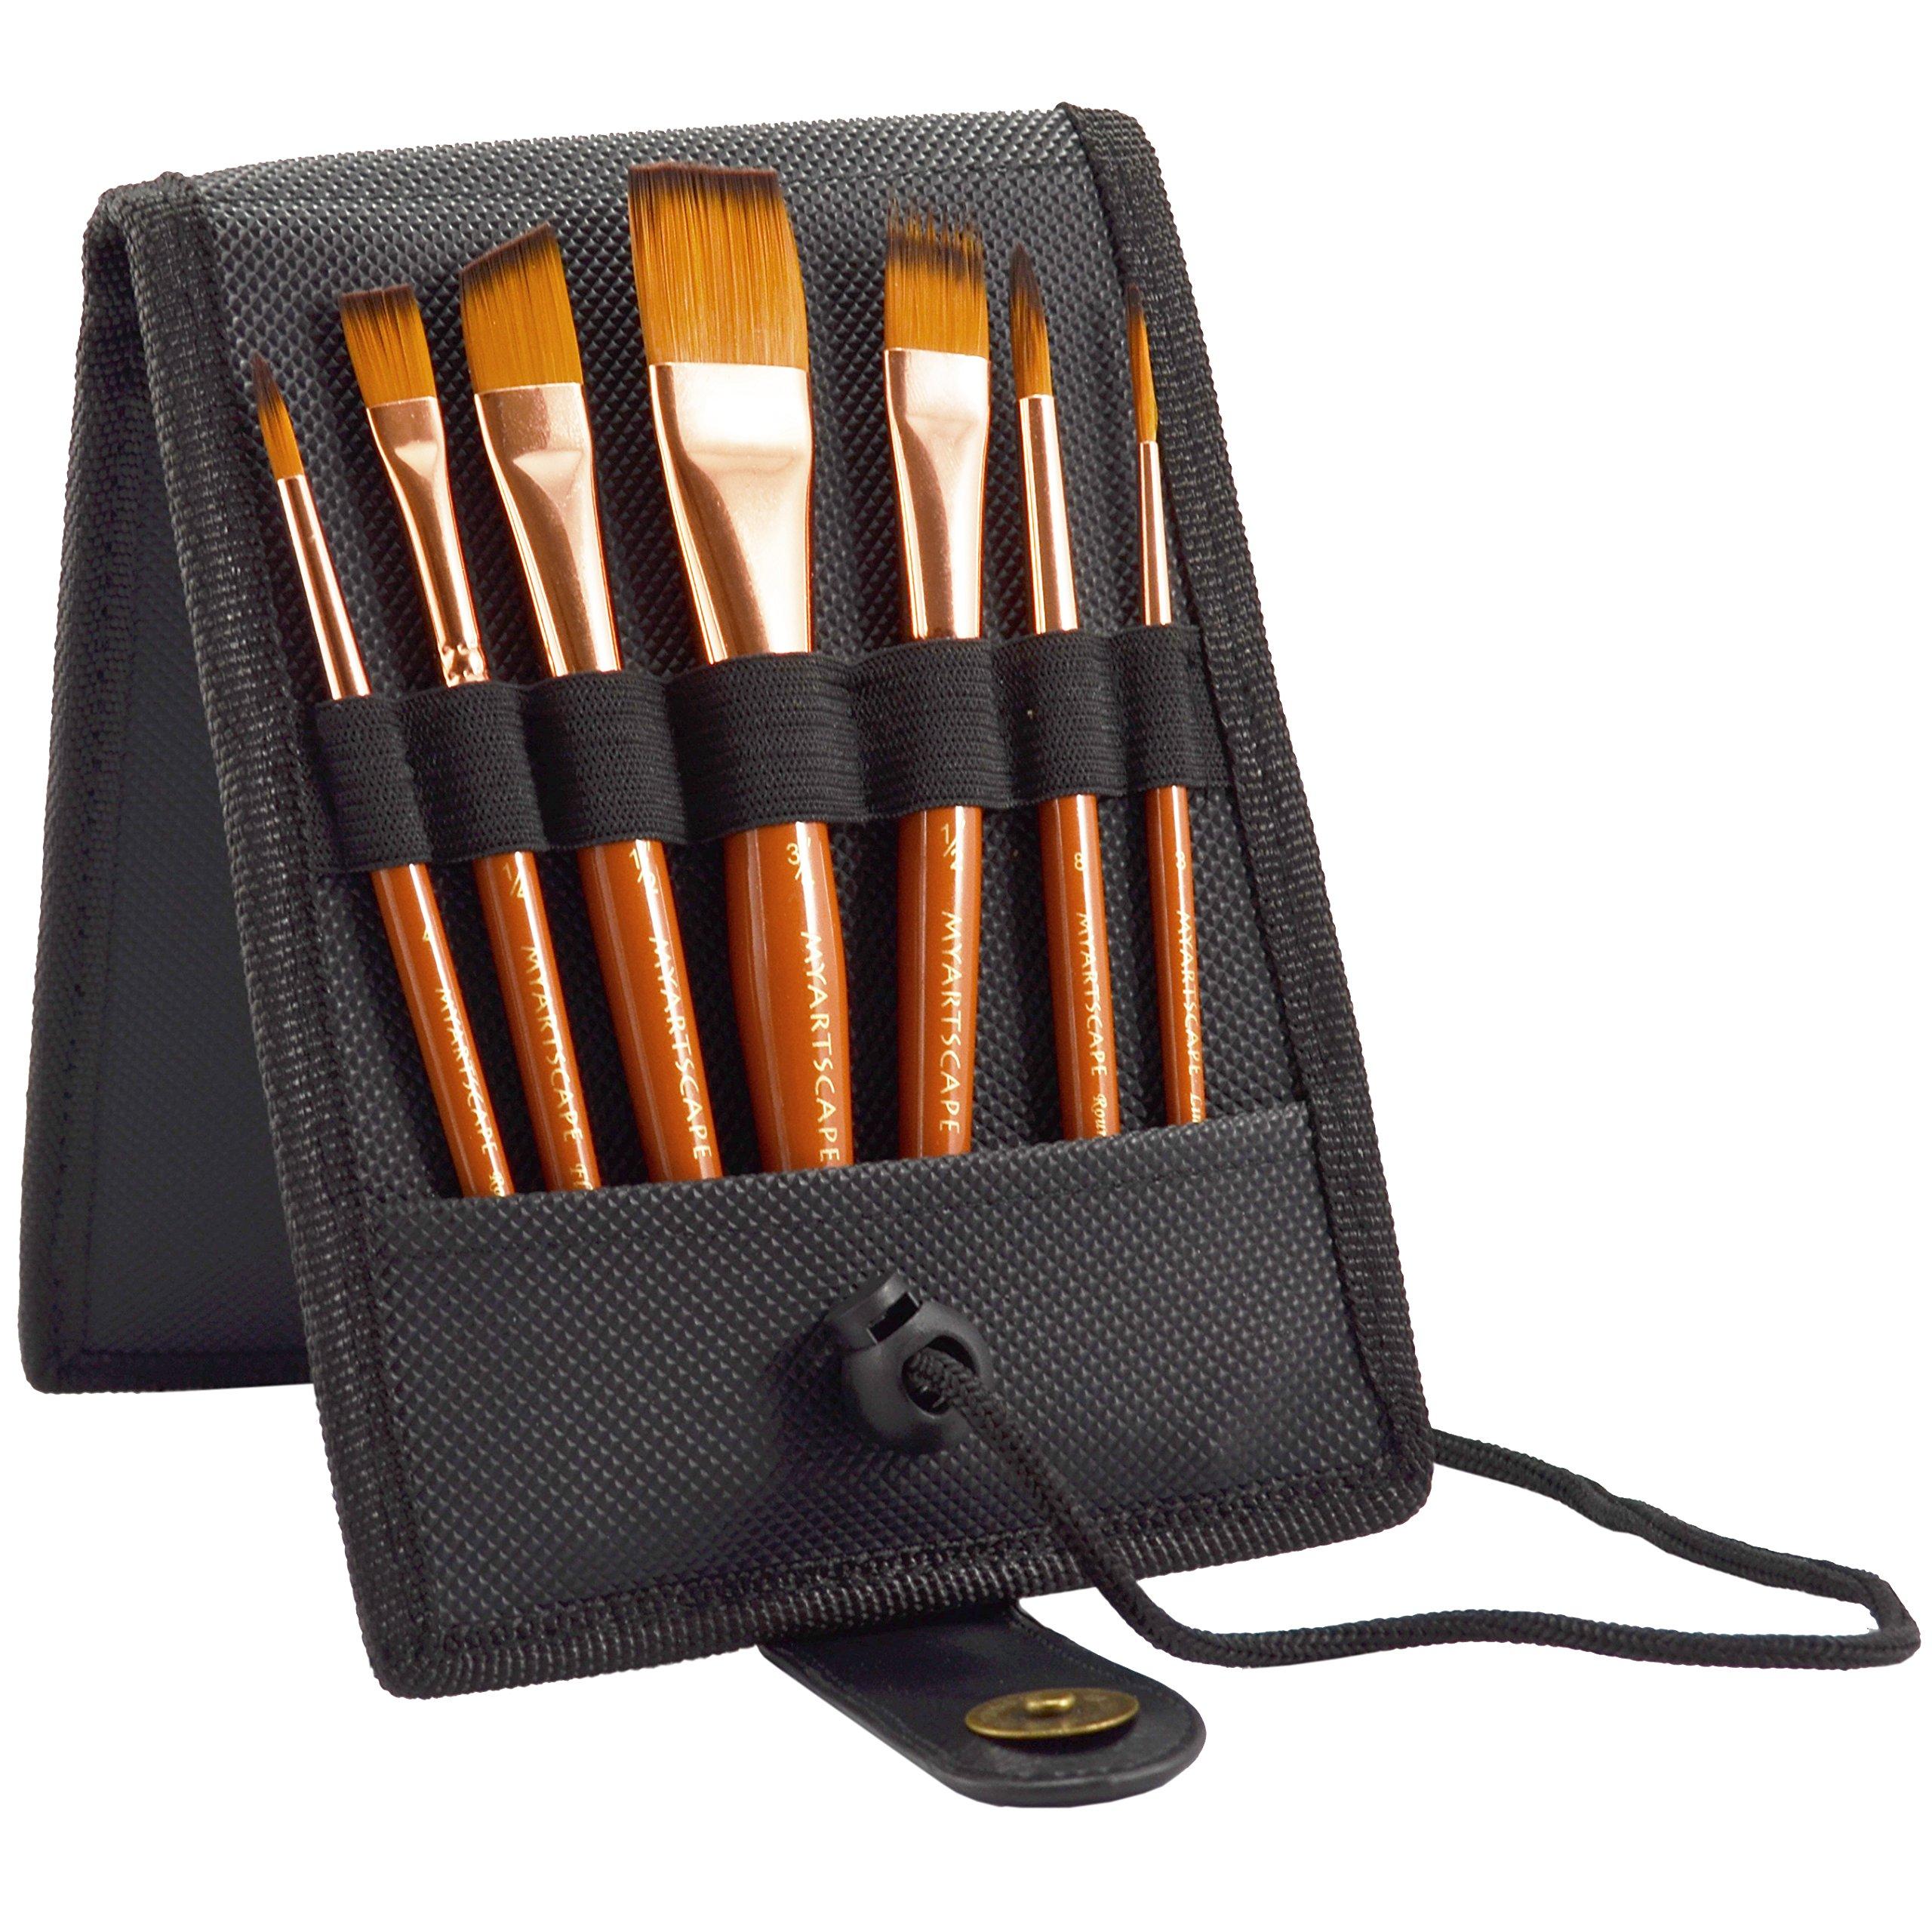 MyArtscape 7-Piece Short Handle Paint Brush Set with Artist Carry Case, Black